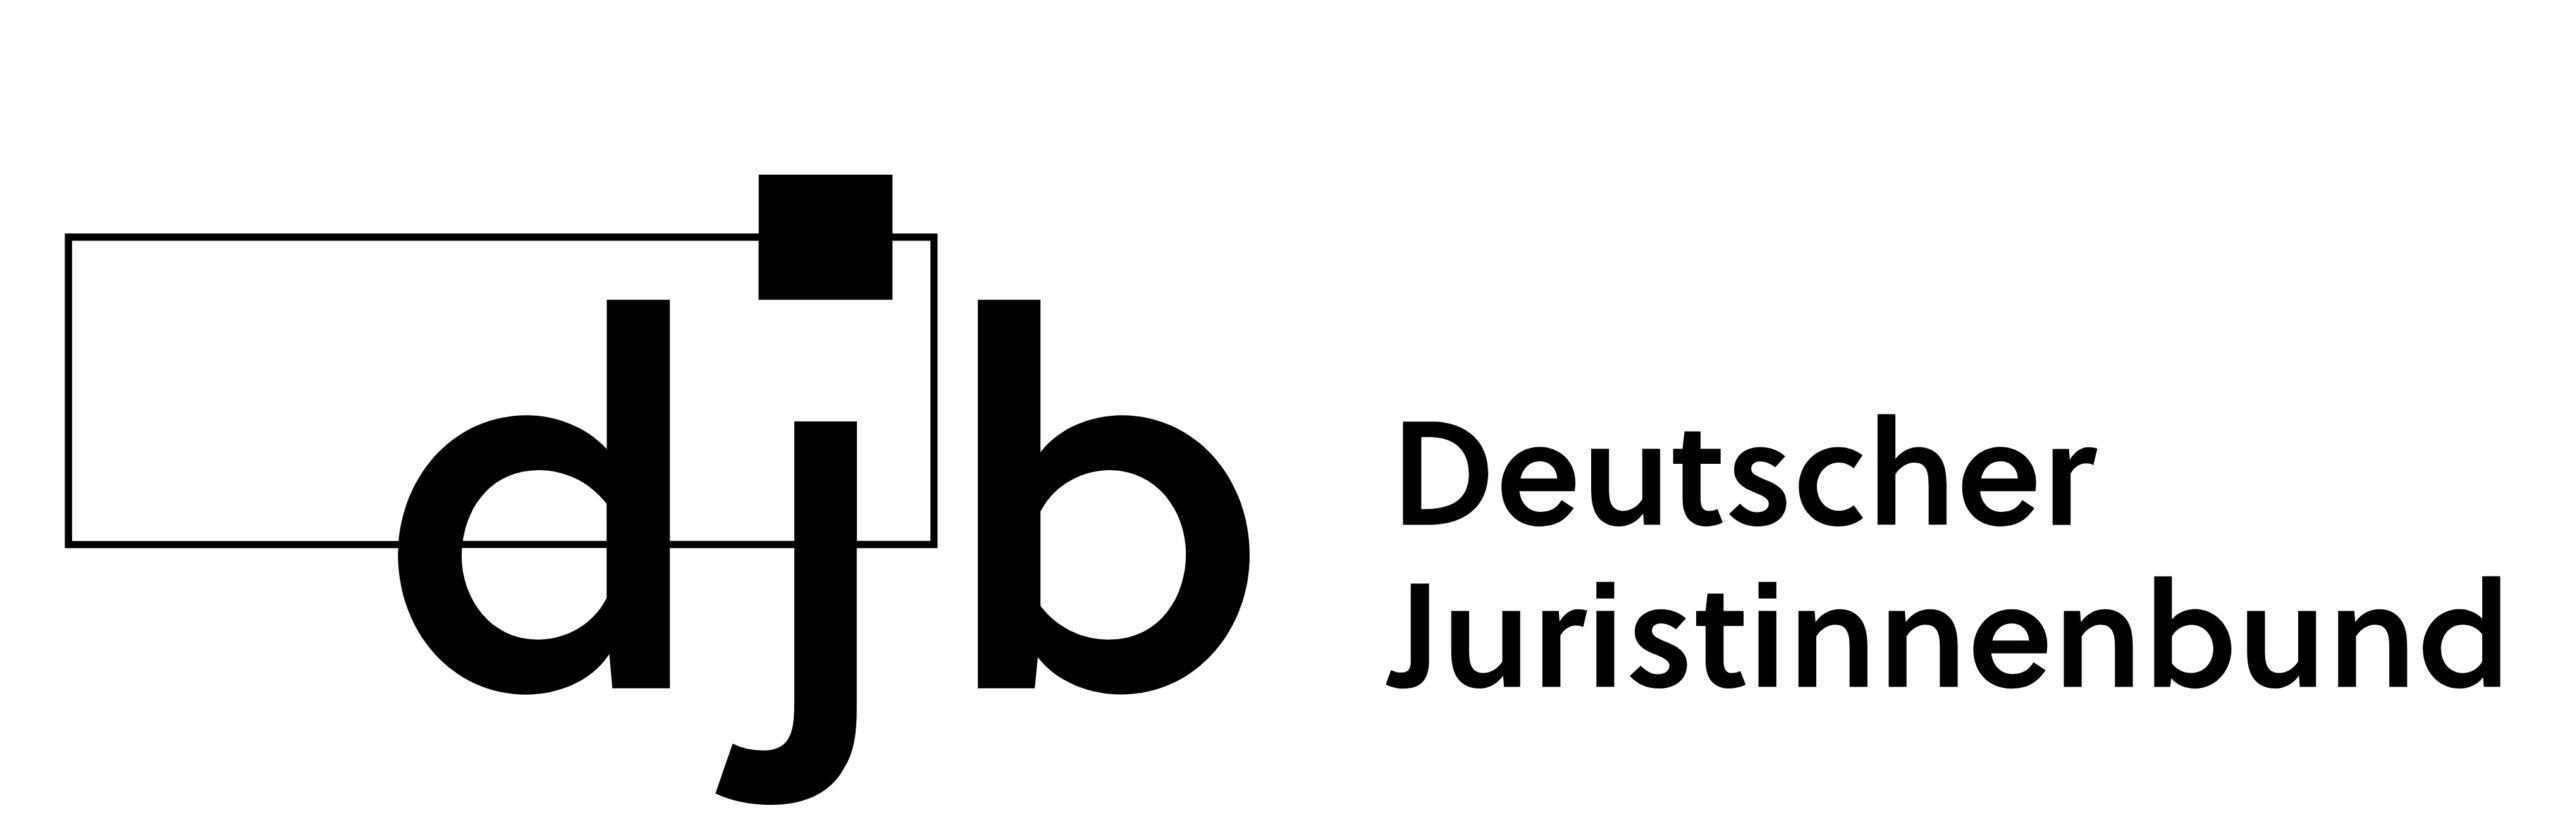 Deutscher Juristinnenbund Landesgruppe Rheinland-Pfalz (djb)